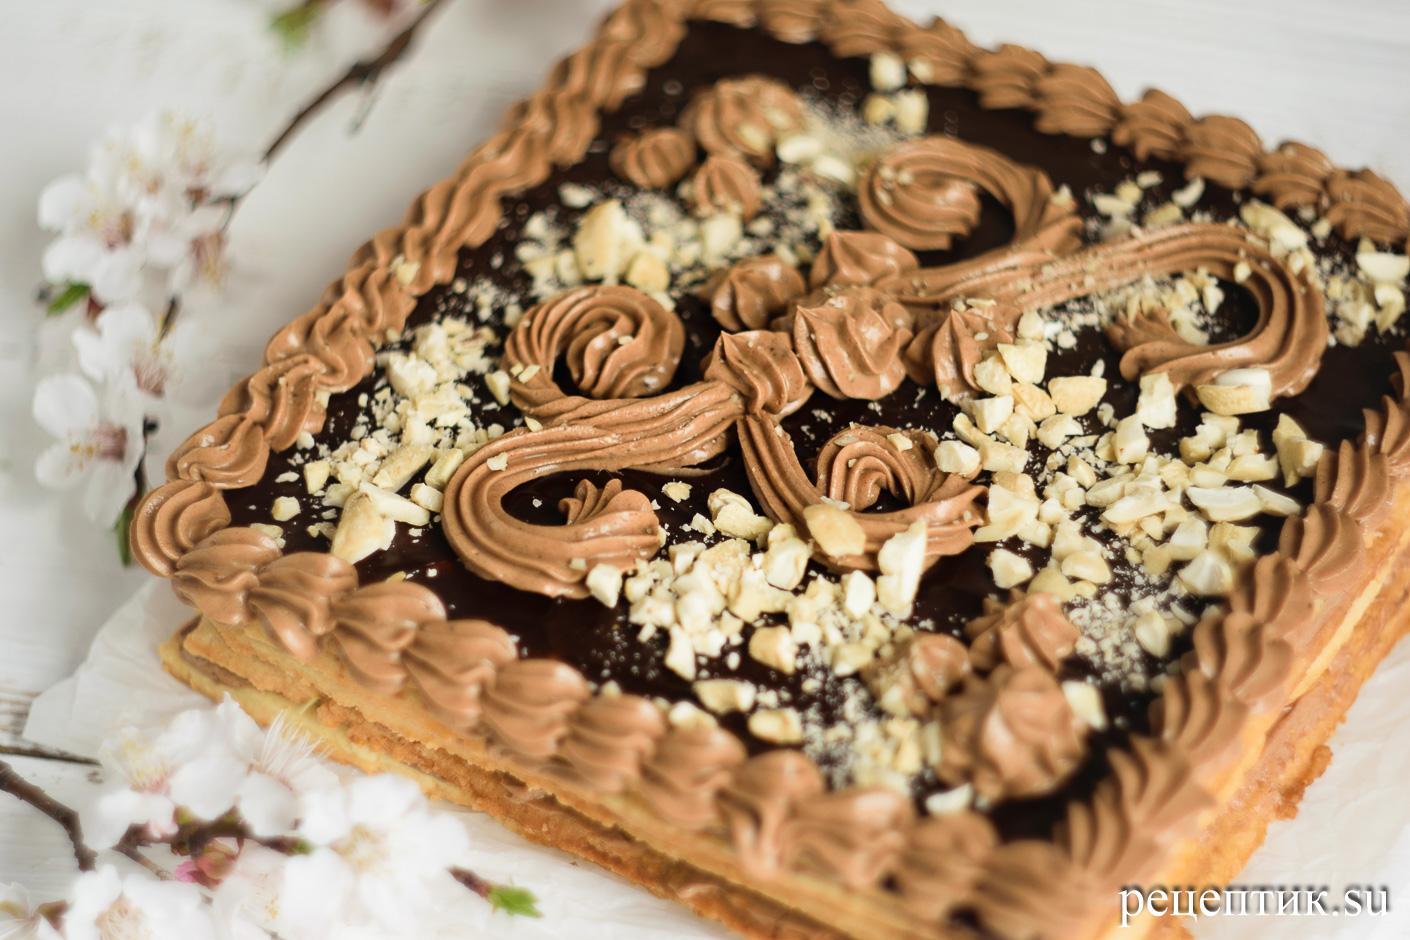 Торт «Ленинградский» — песочный торт с шоколадным масляным кремом - рецепт с фото, шаг 20